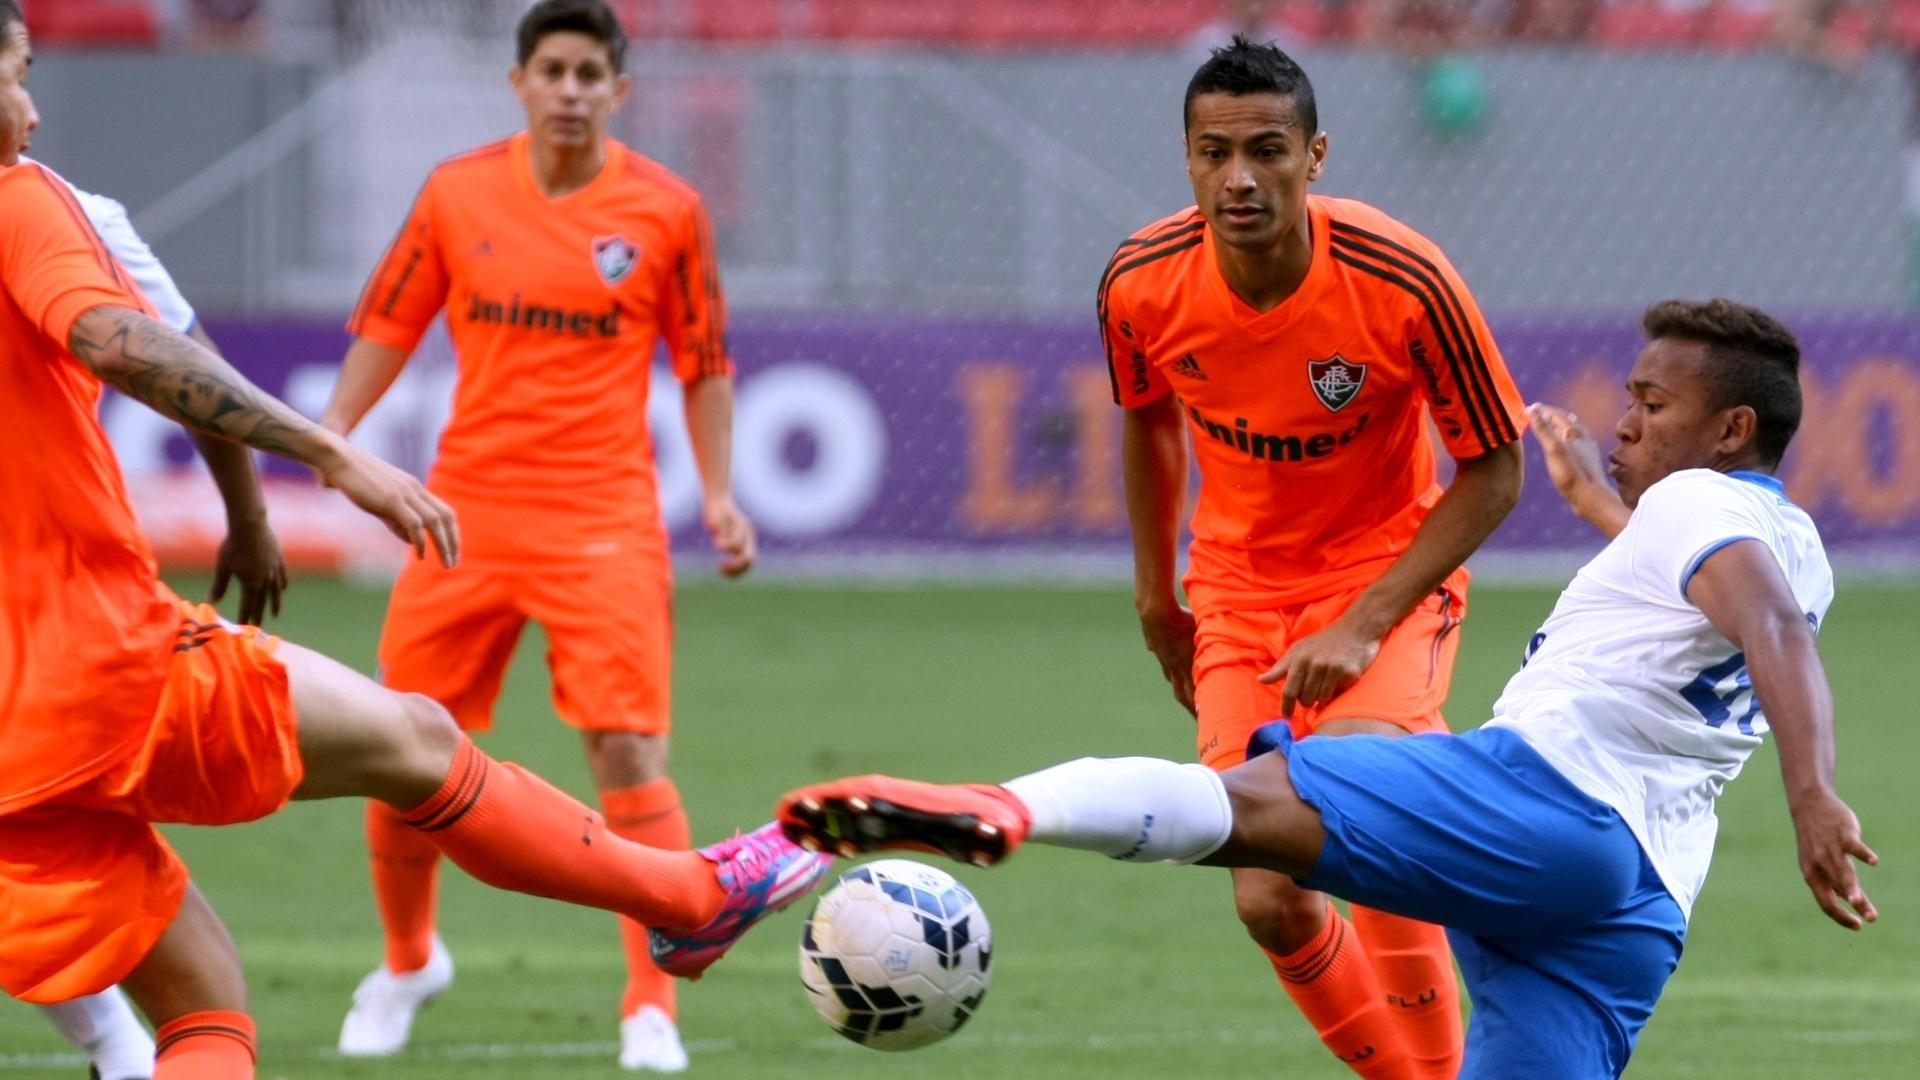 04.out.2014 - Jogadores de Fluminense e Bahia dividem bola em campo